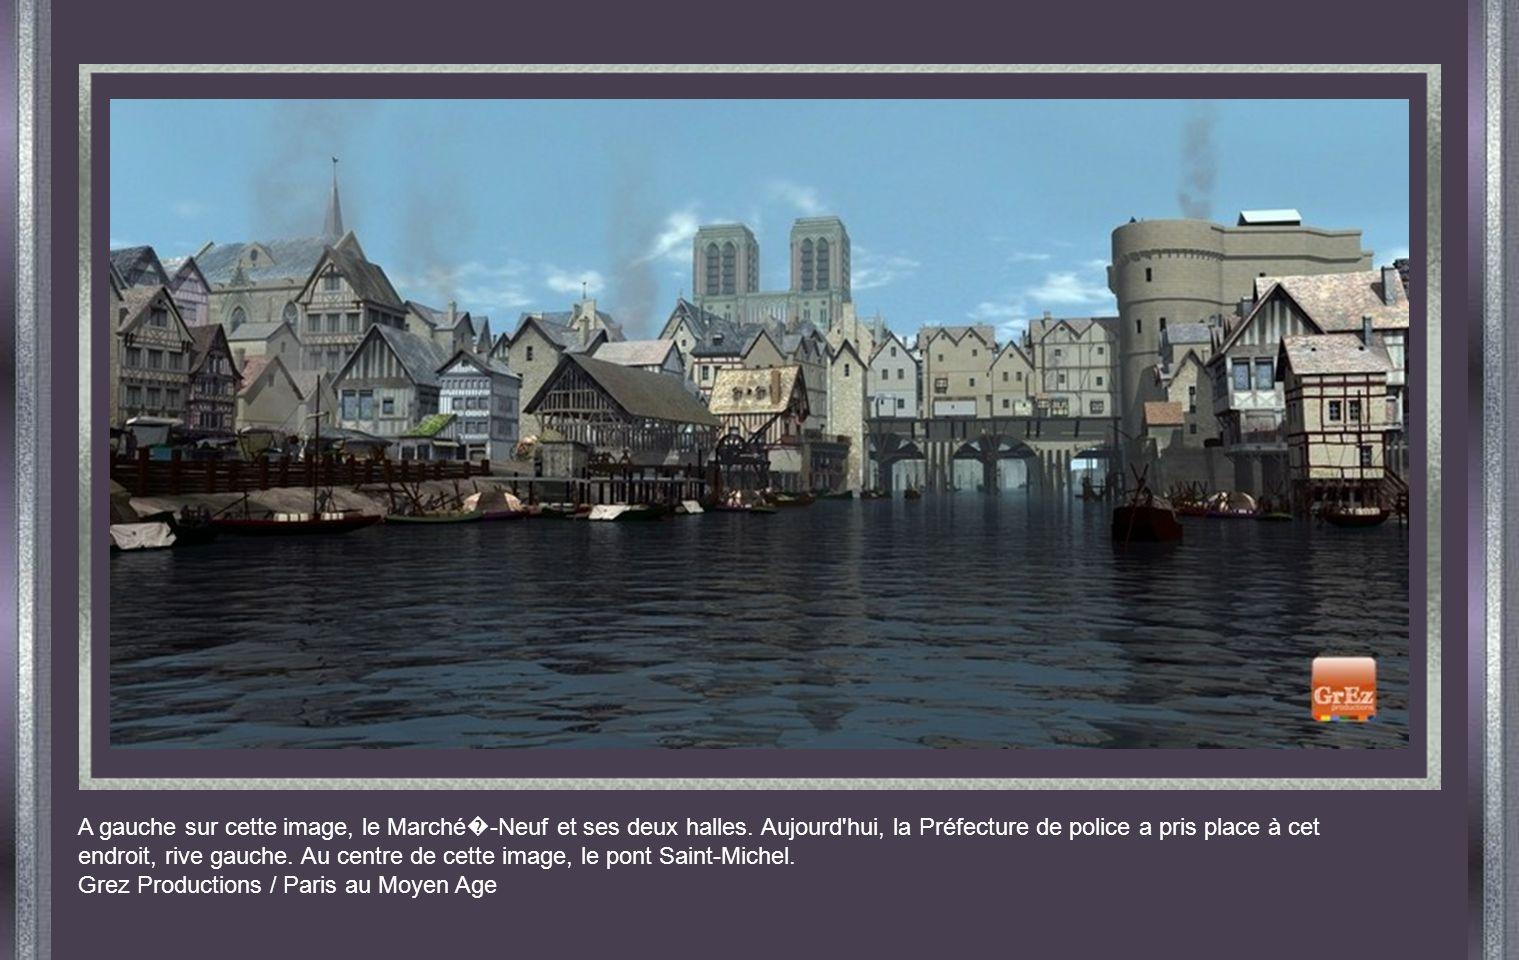 A gauche sur cette image, le Marché -Neuf et ses deux halles.